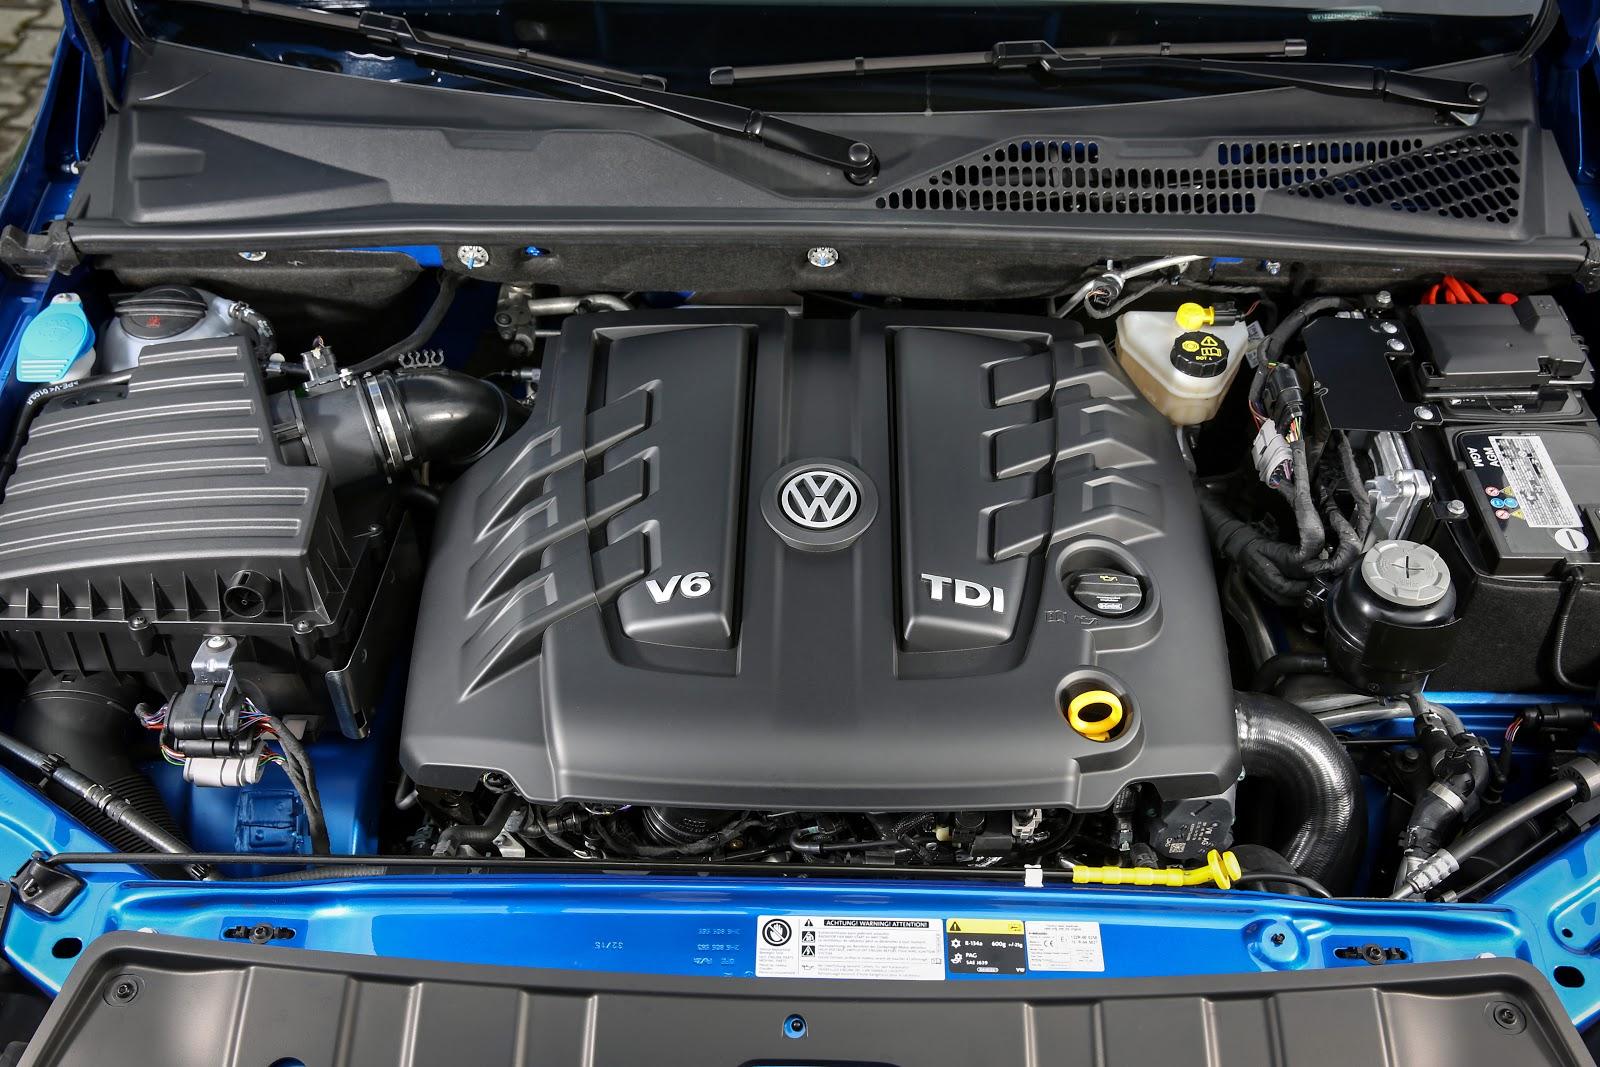 Xe có 3 phiên bản, nhưng phiên bản V6 sẽ là bản mạnh nhất